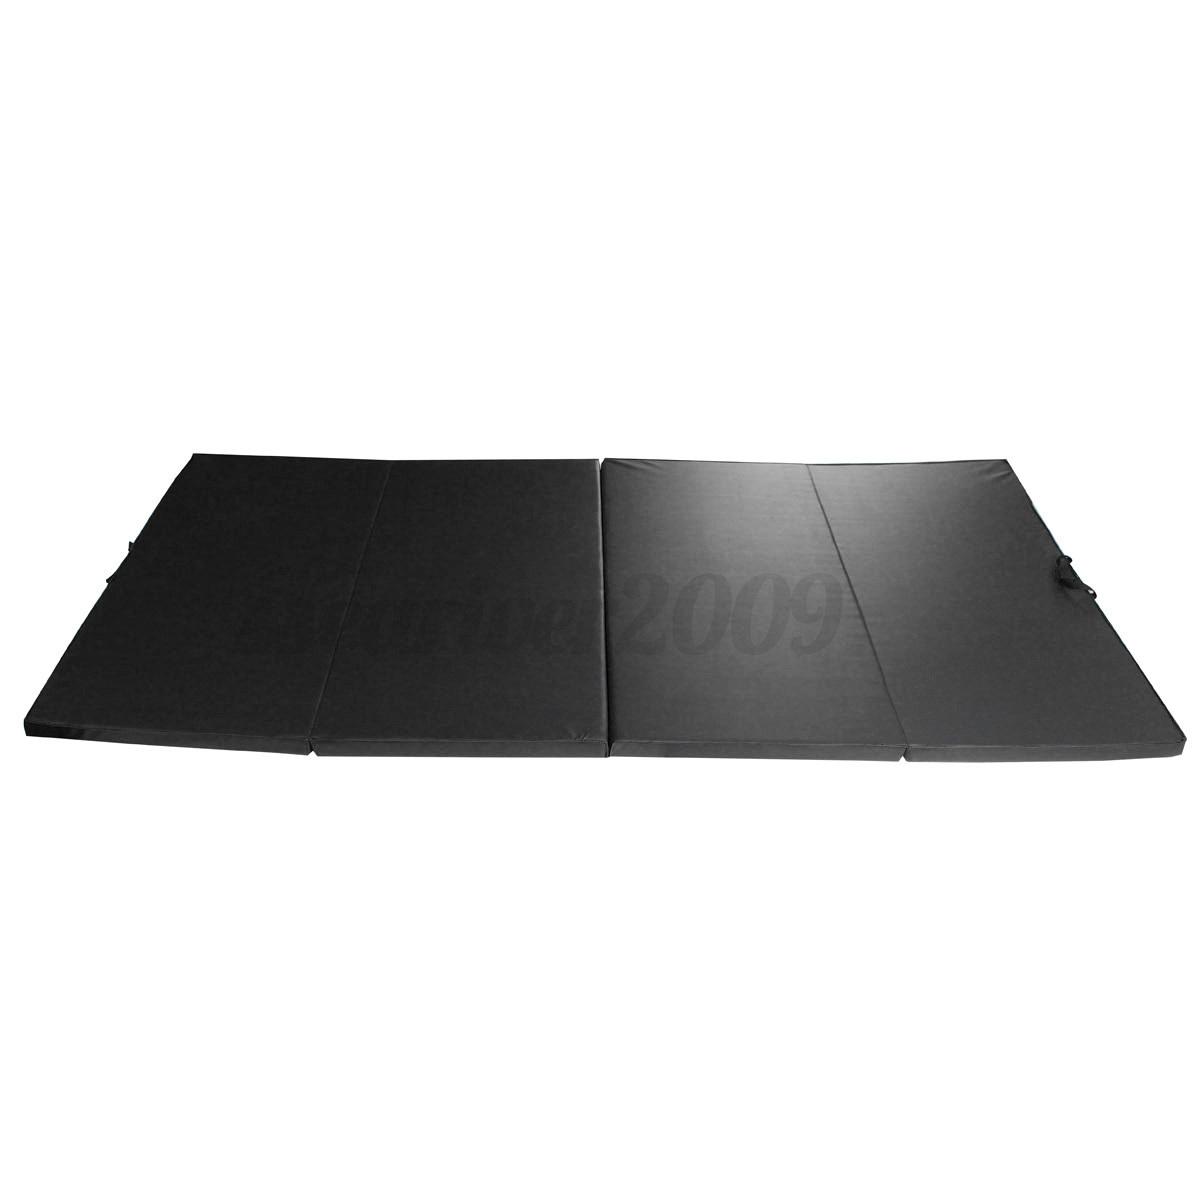 6ft 10ft Folding Gymnastics Tumble Floor Mat Yoga